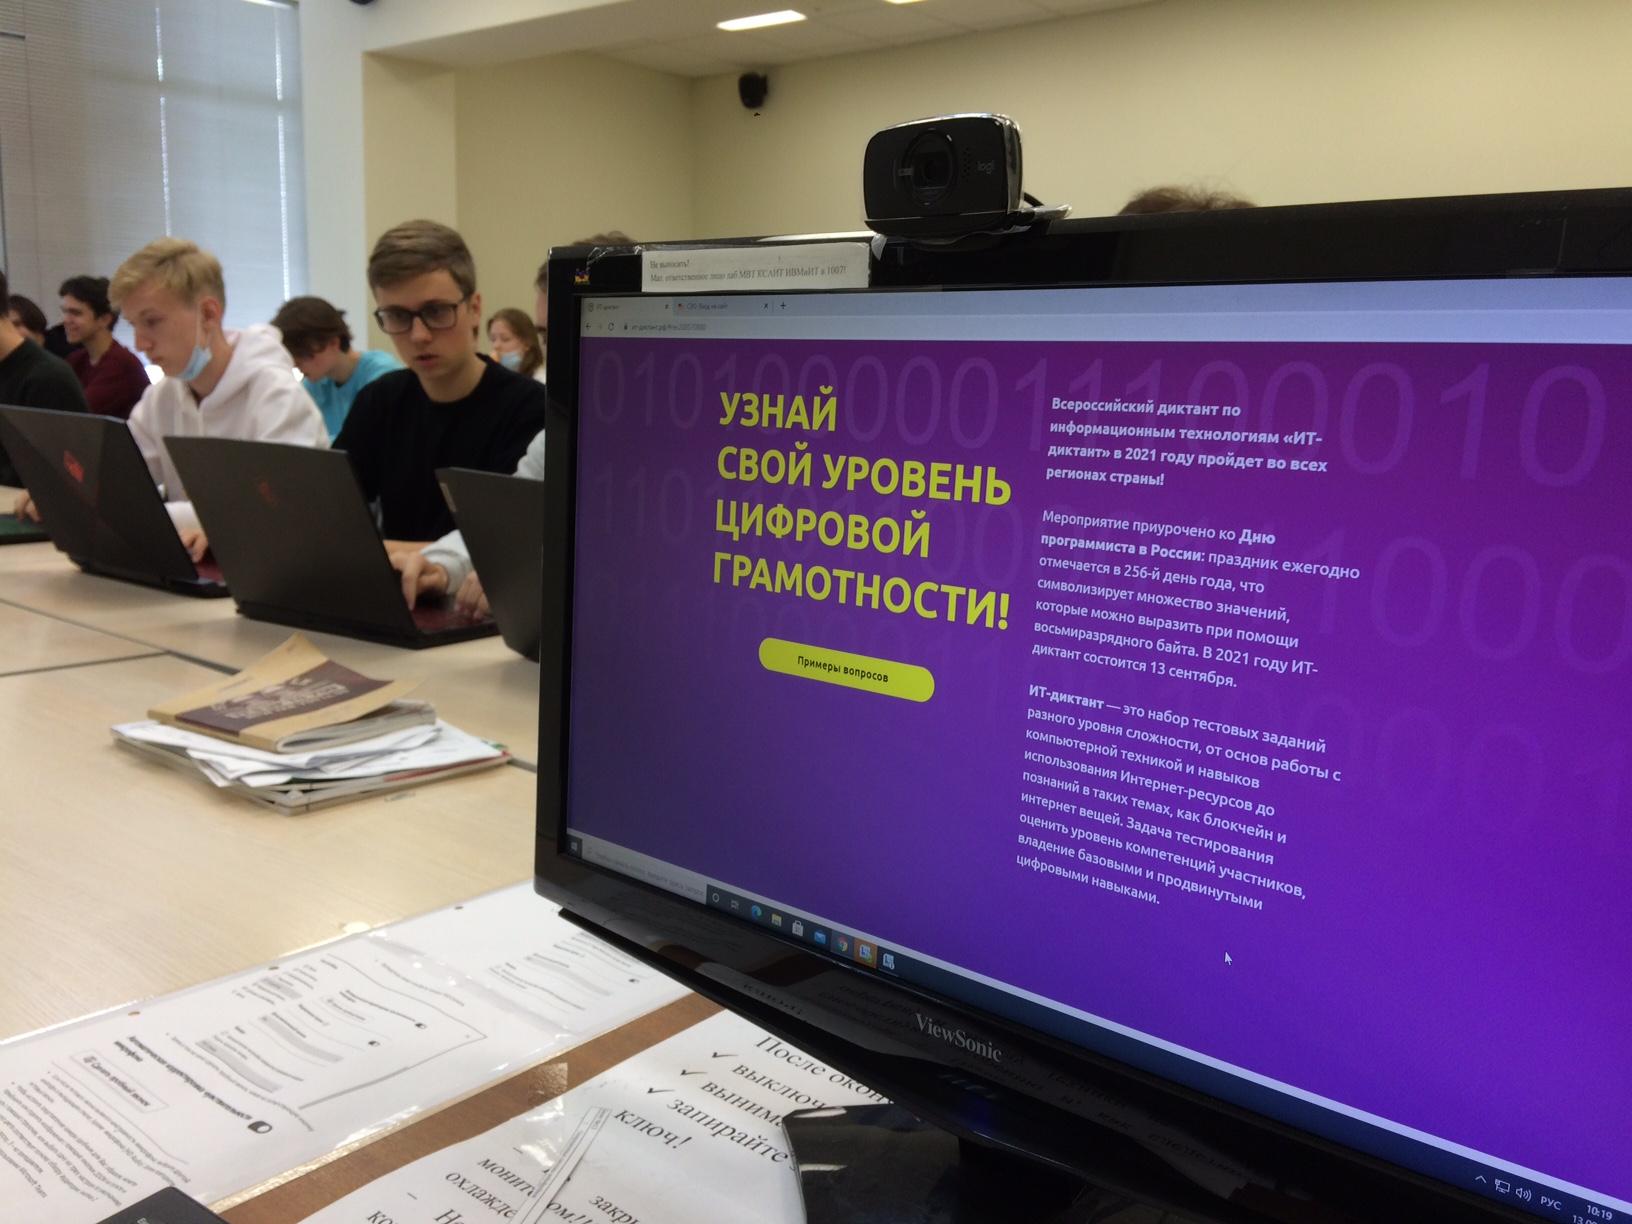 ИТ-диктант написали 370 студентов и сотрудников СВФУ